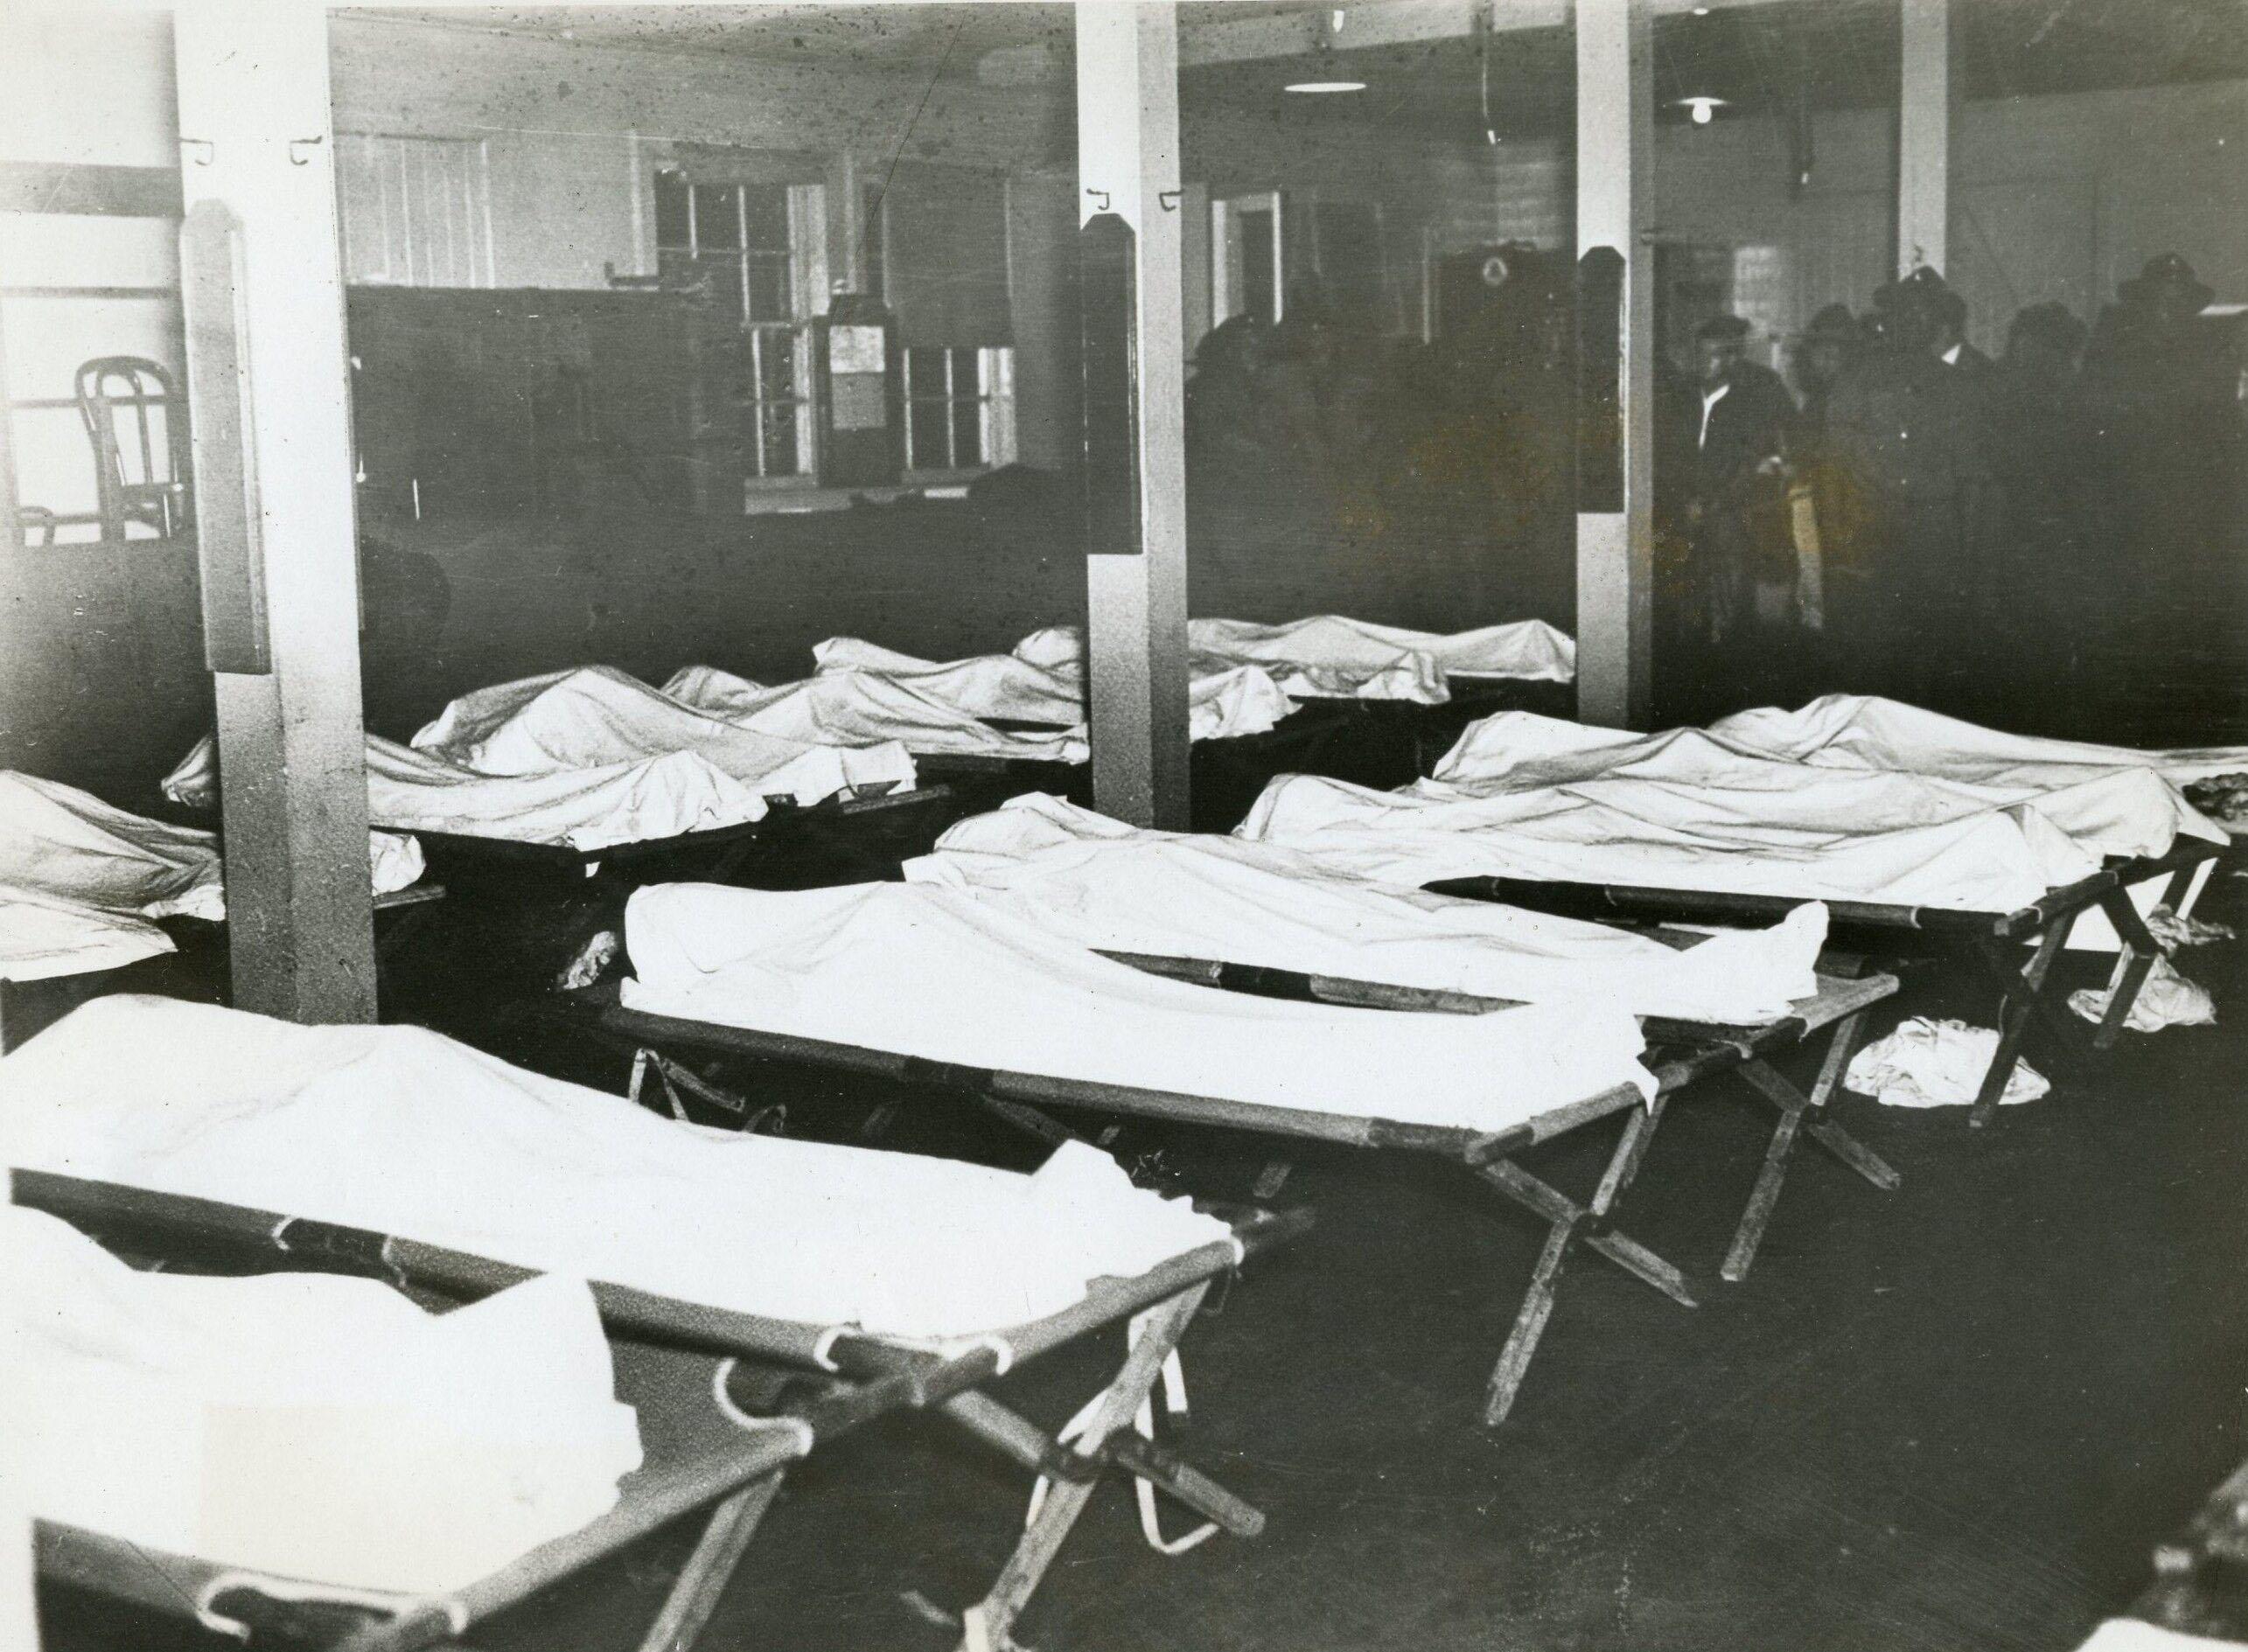 ss morro castle morgue